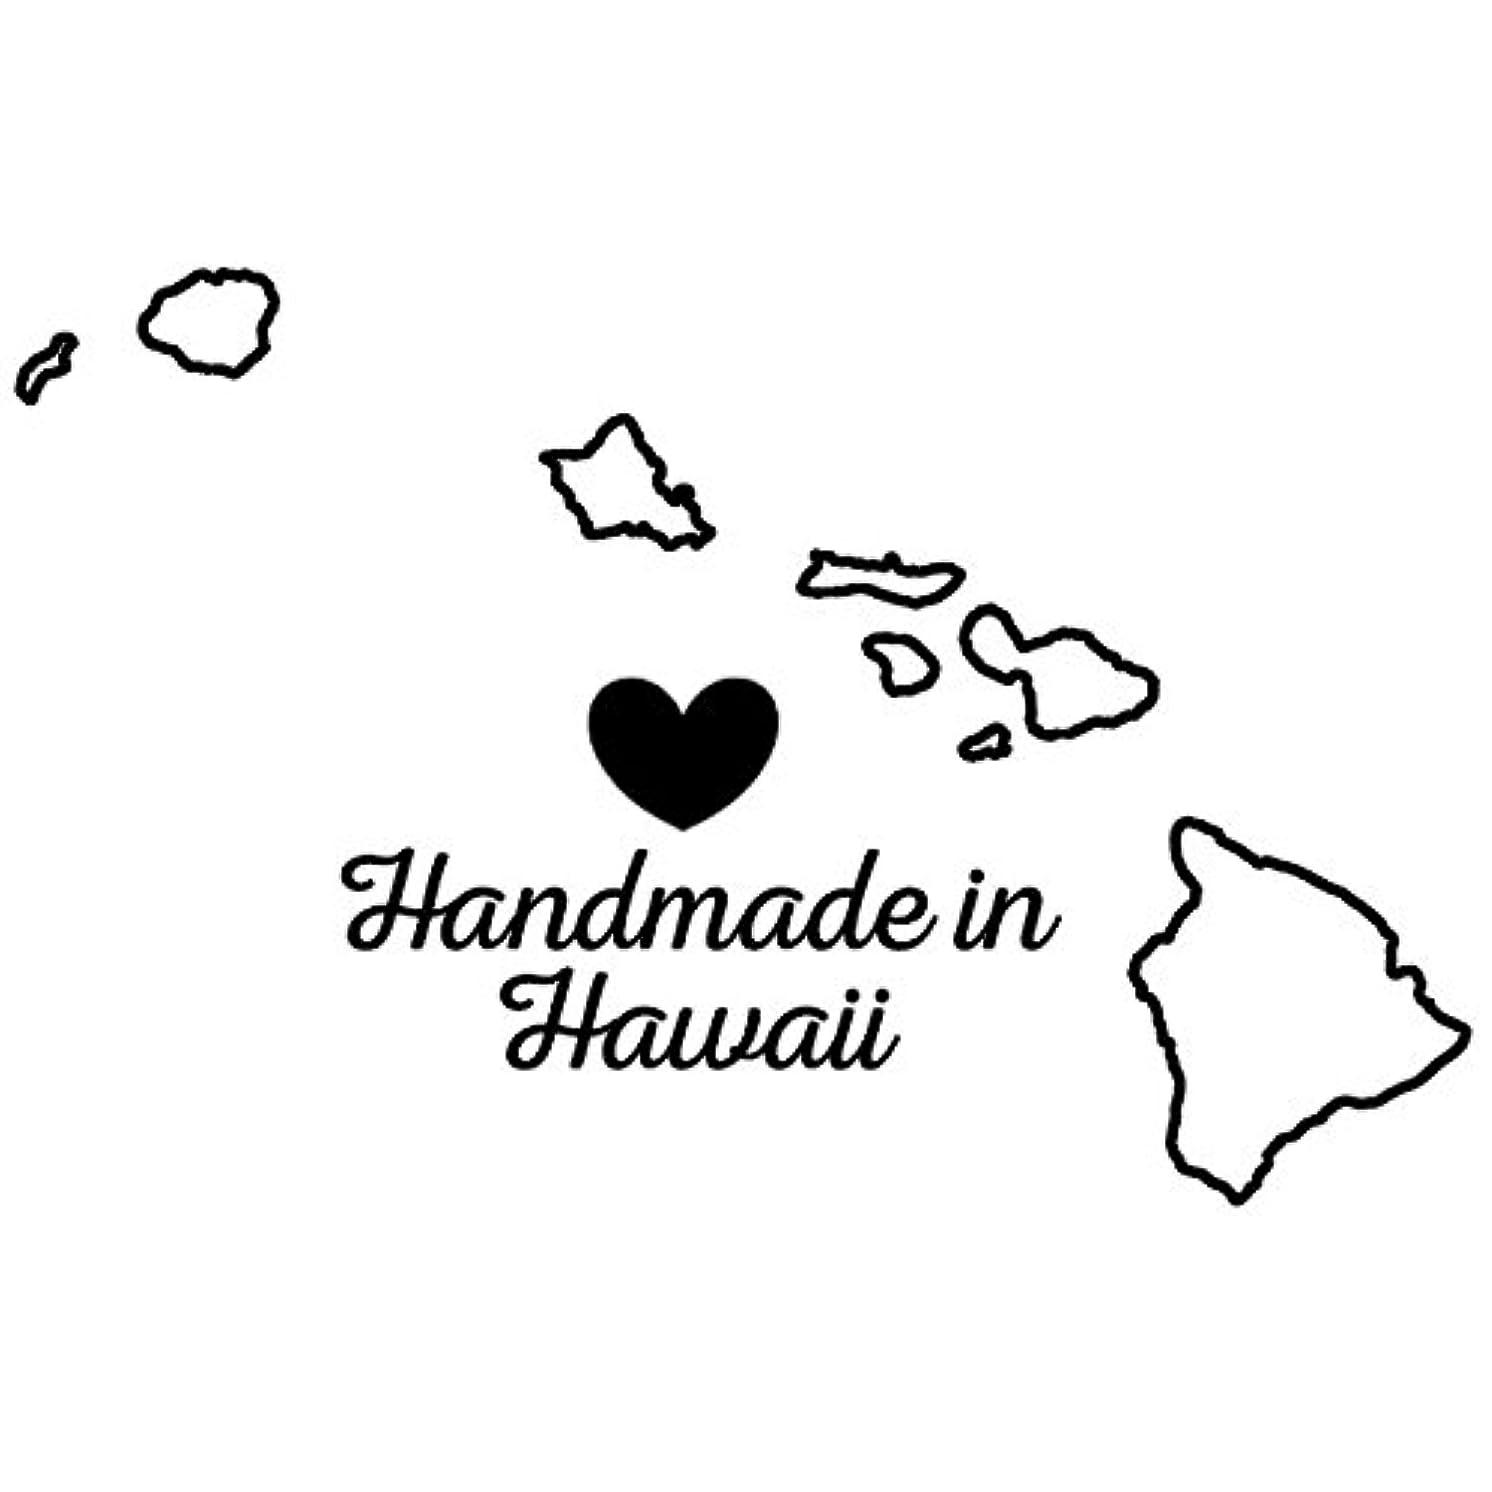 Scrapbook Customs Hawaii - Handmade in Rubber Stamp